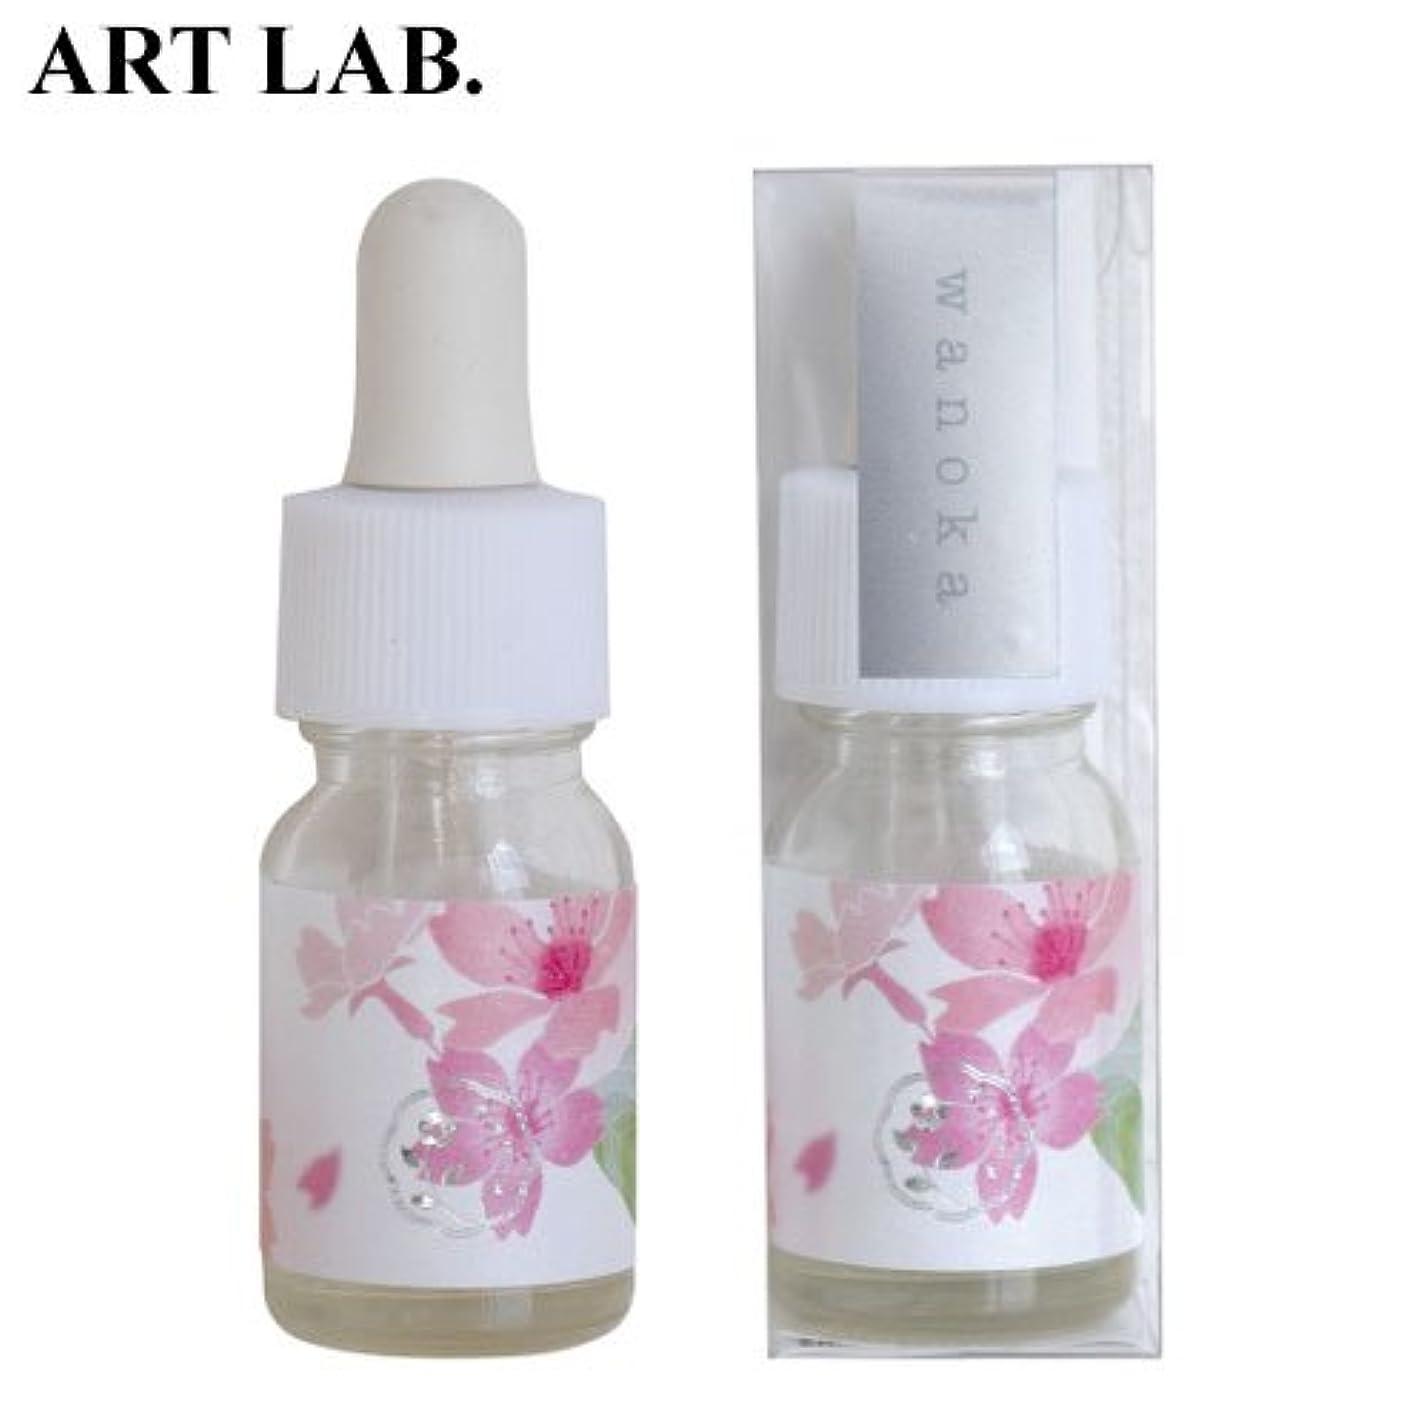 懇願する不可能な同行wanoka香油アロマオイル桜《桜をイメージした甘い香り》ART LABAromatic oil